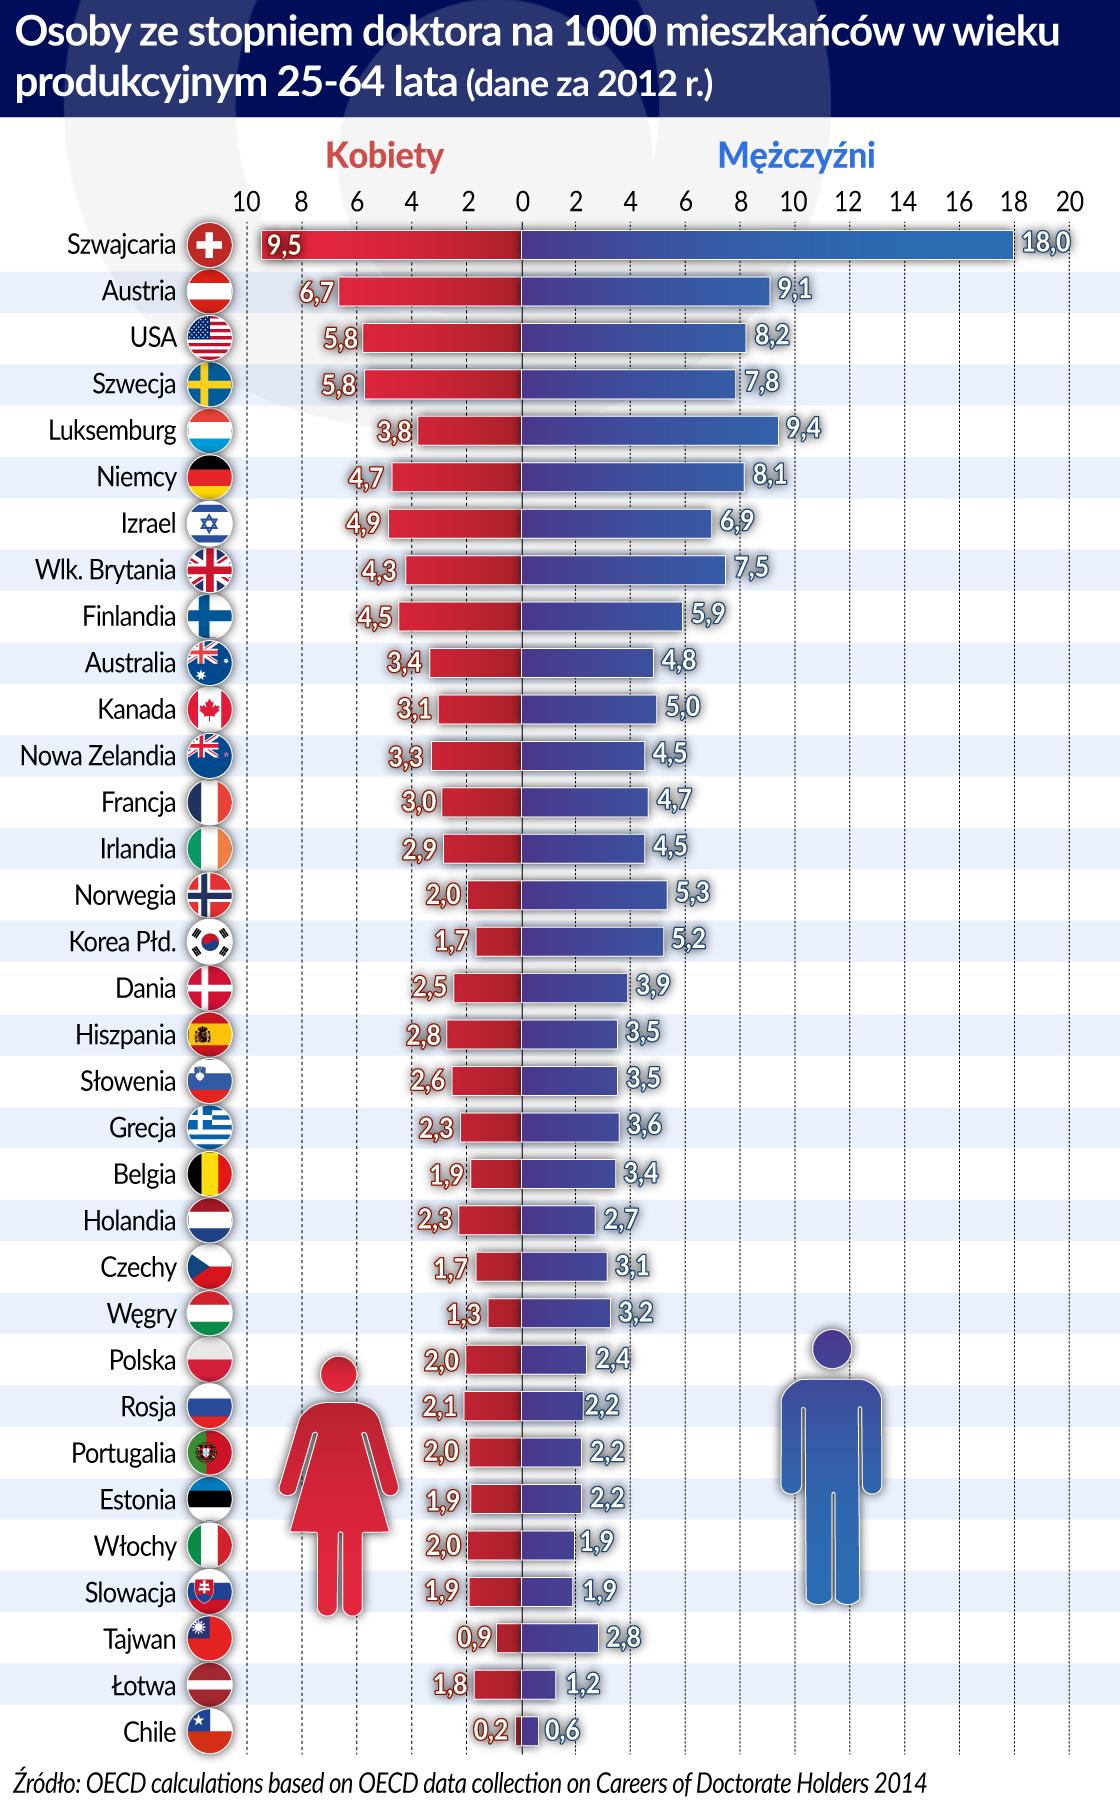 Wykres - edukacja. Źródło: obserwatorfinansowy.pl